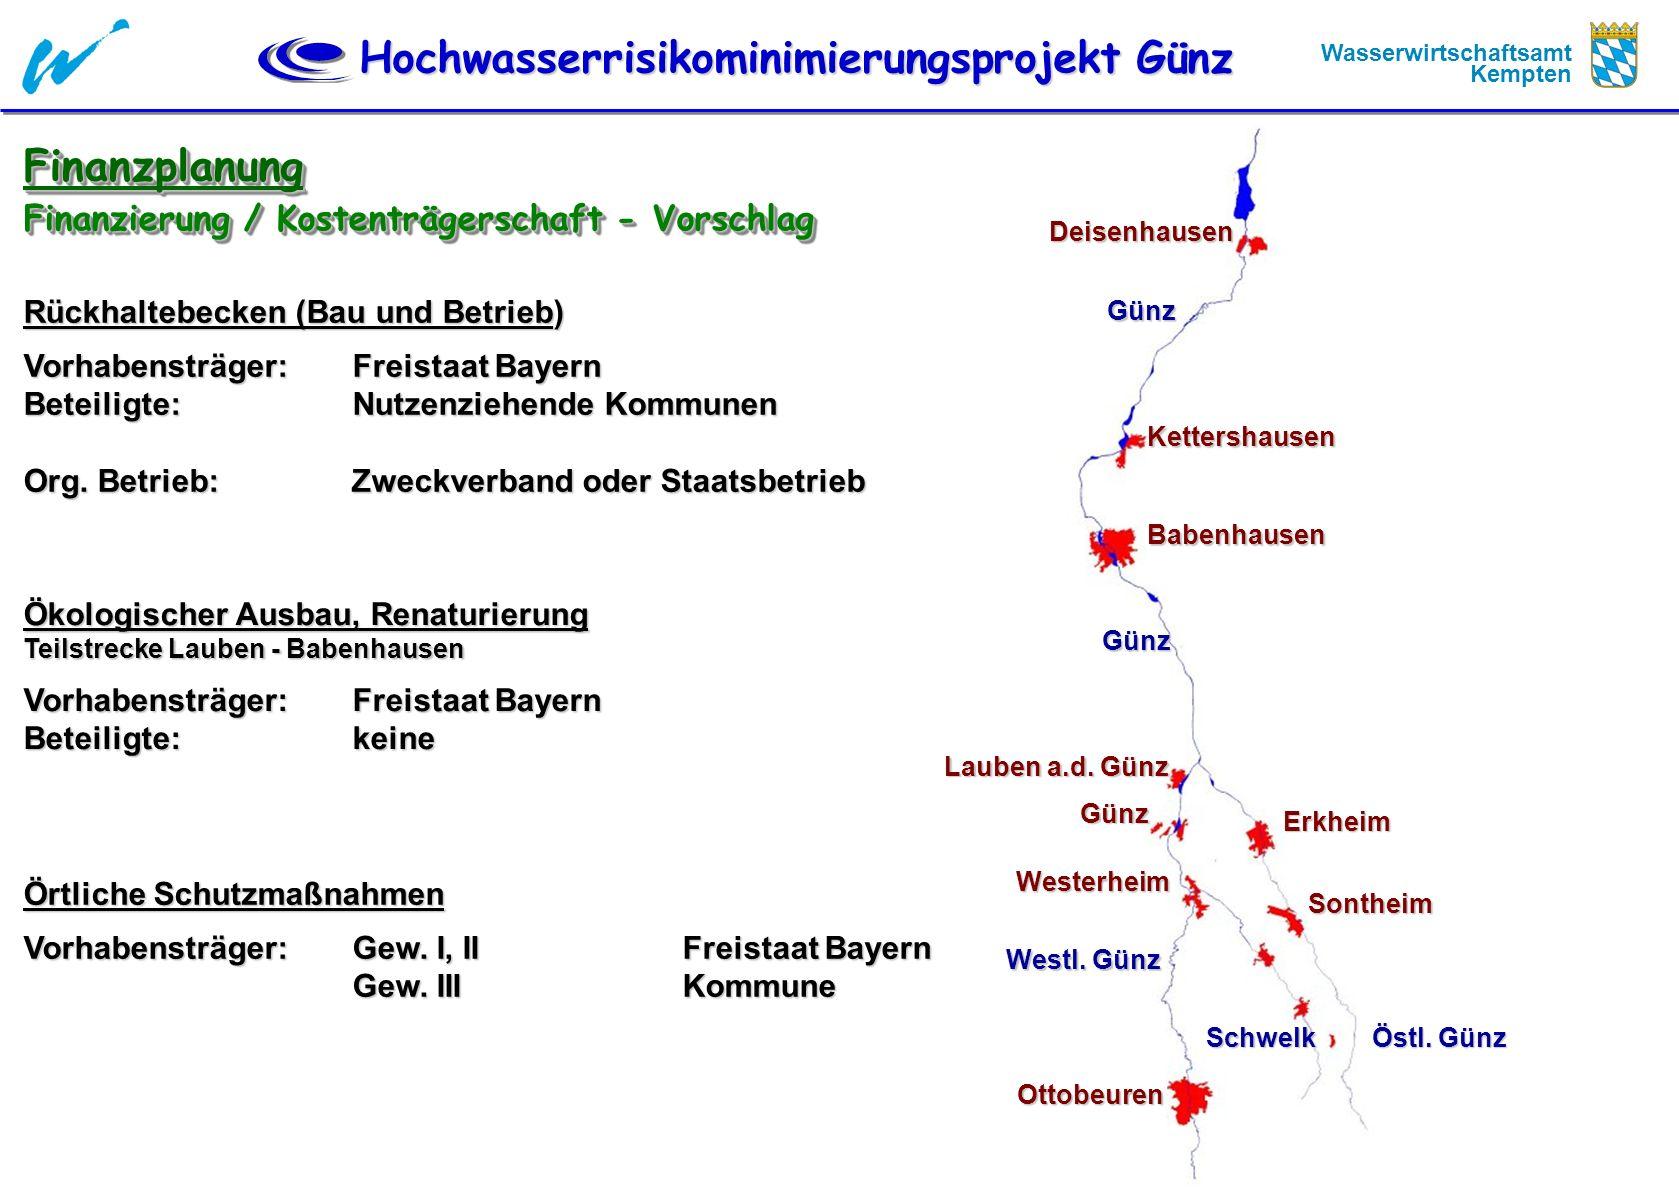 Hochwasserrisikominimierungsprojekt Günz Wasserwirtschaftsamt Kempten FinanzplanungFinanzplanung Finanzierung / Kostenträgerschaft - Vorschlag Rückhal